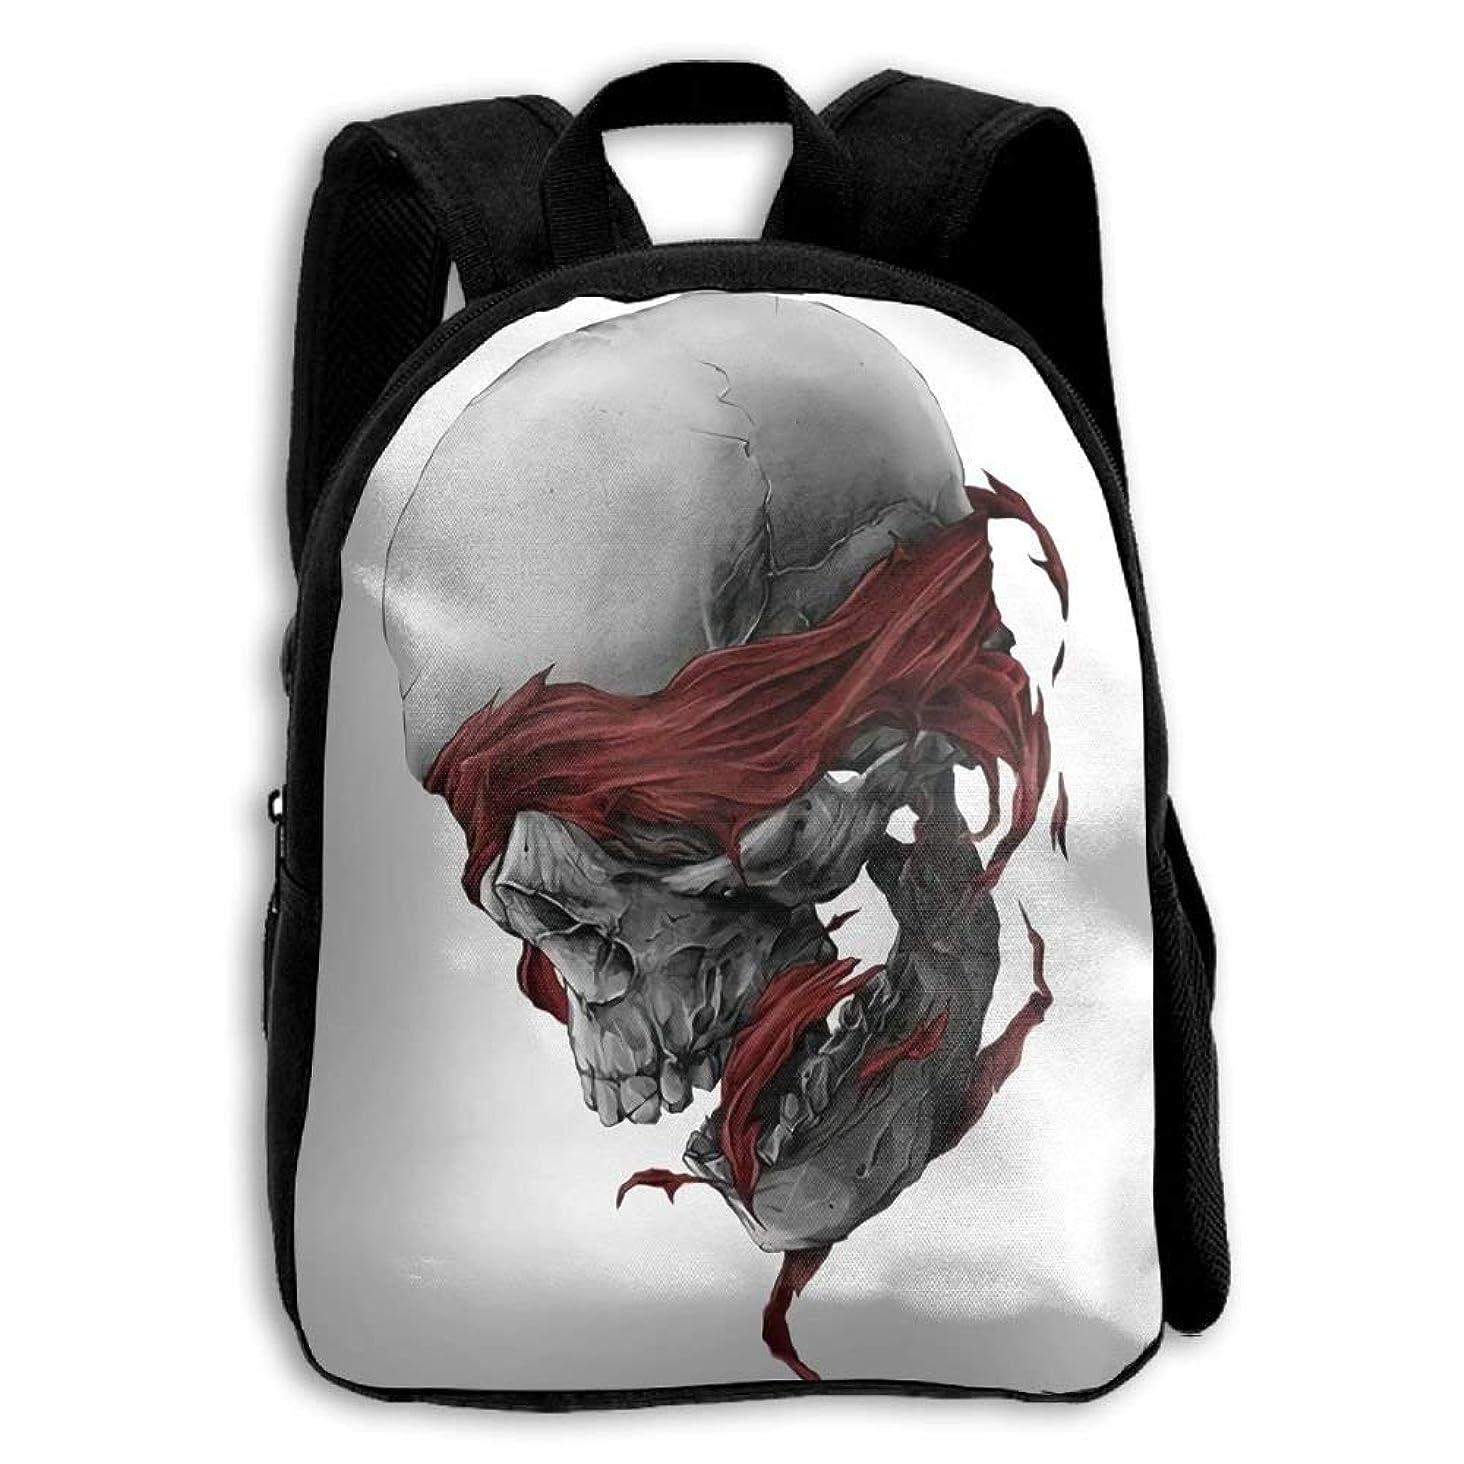 WSSM See No Evil 3D Printed Design School Backpacks Shoulders Bag For Boys Girls